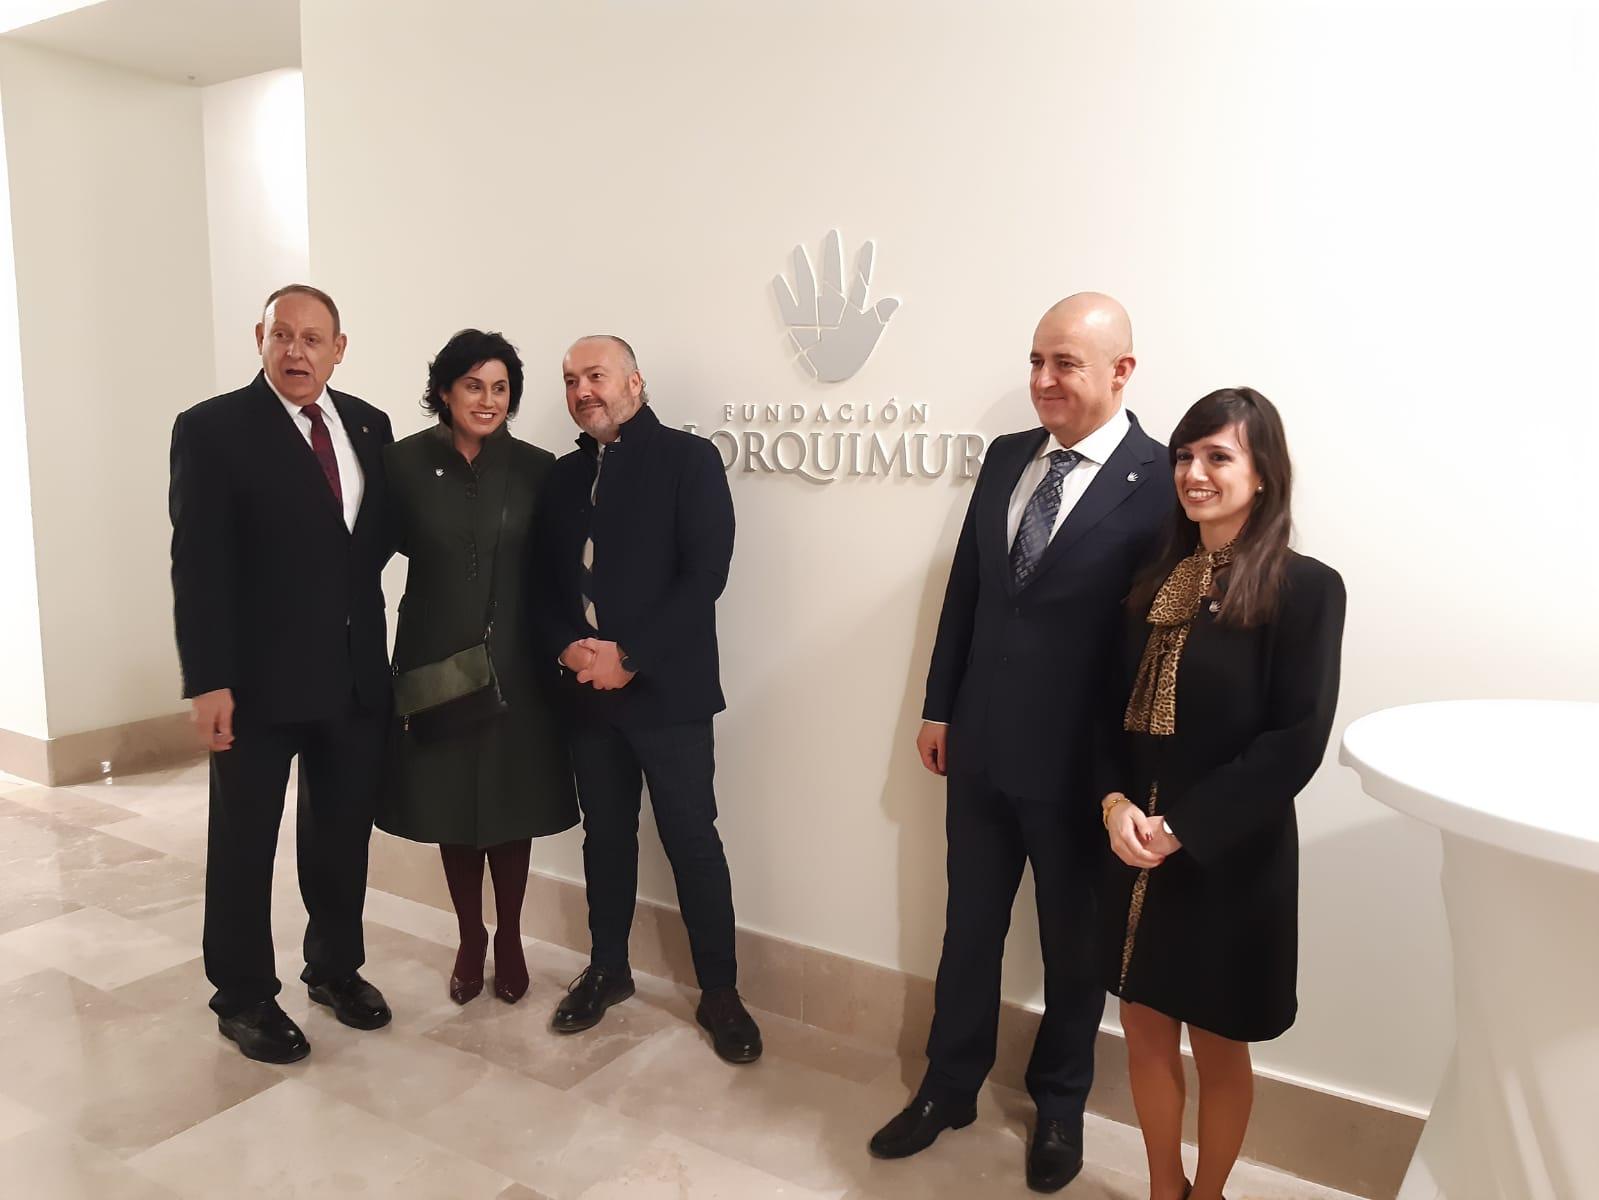 Éxito en la inauguración de la Fundación Lorquimur